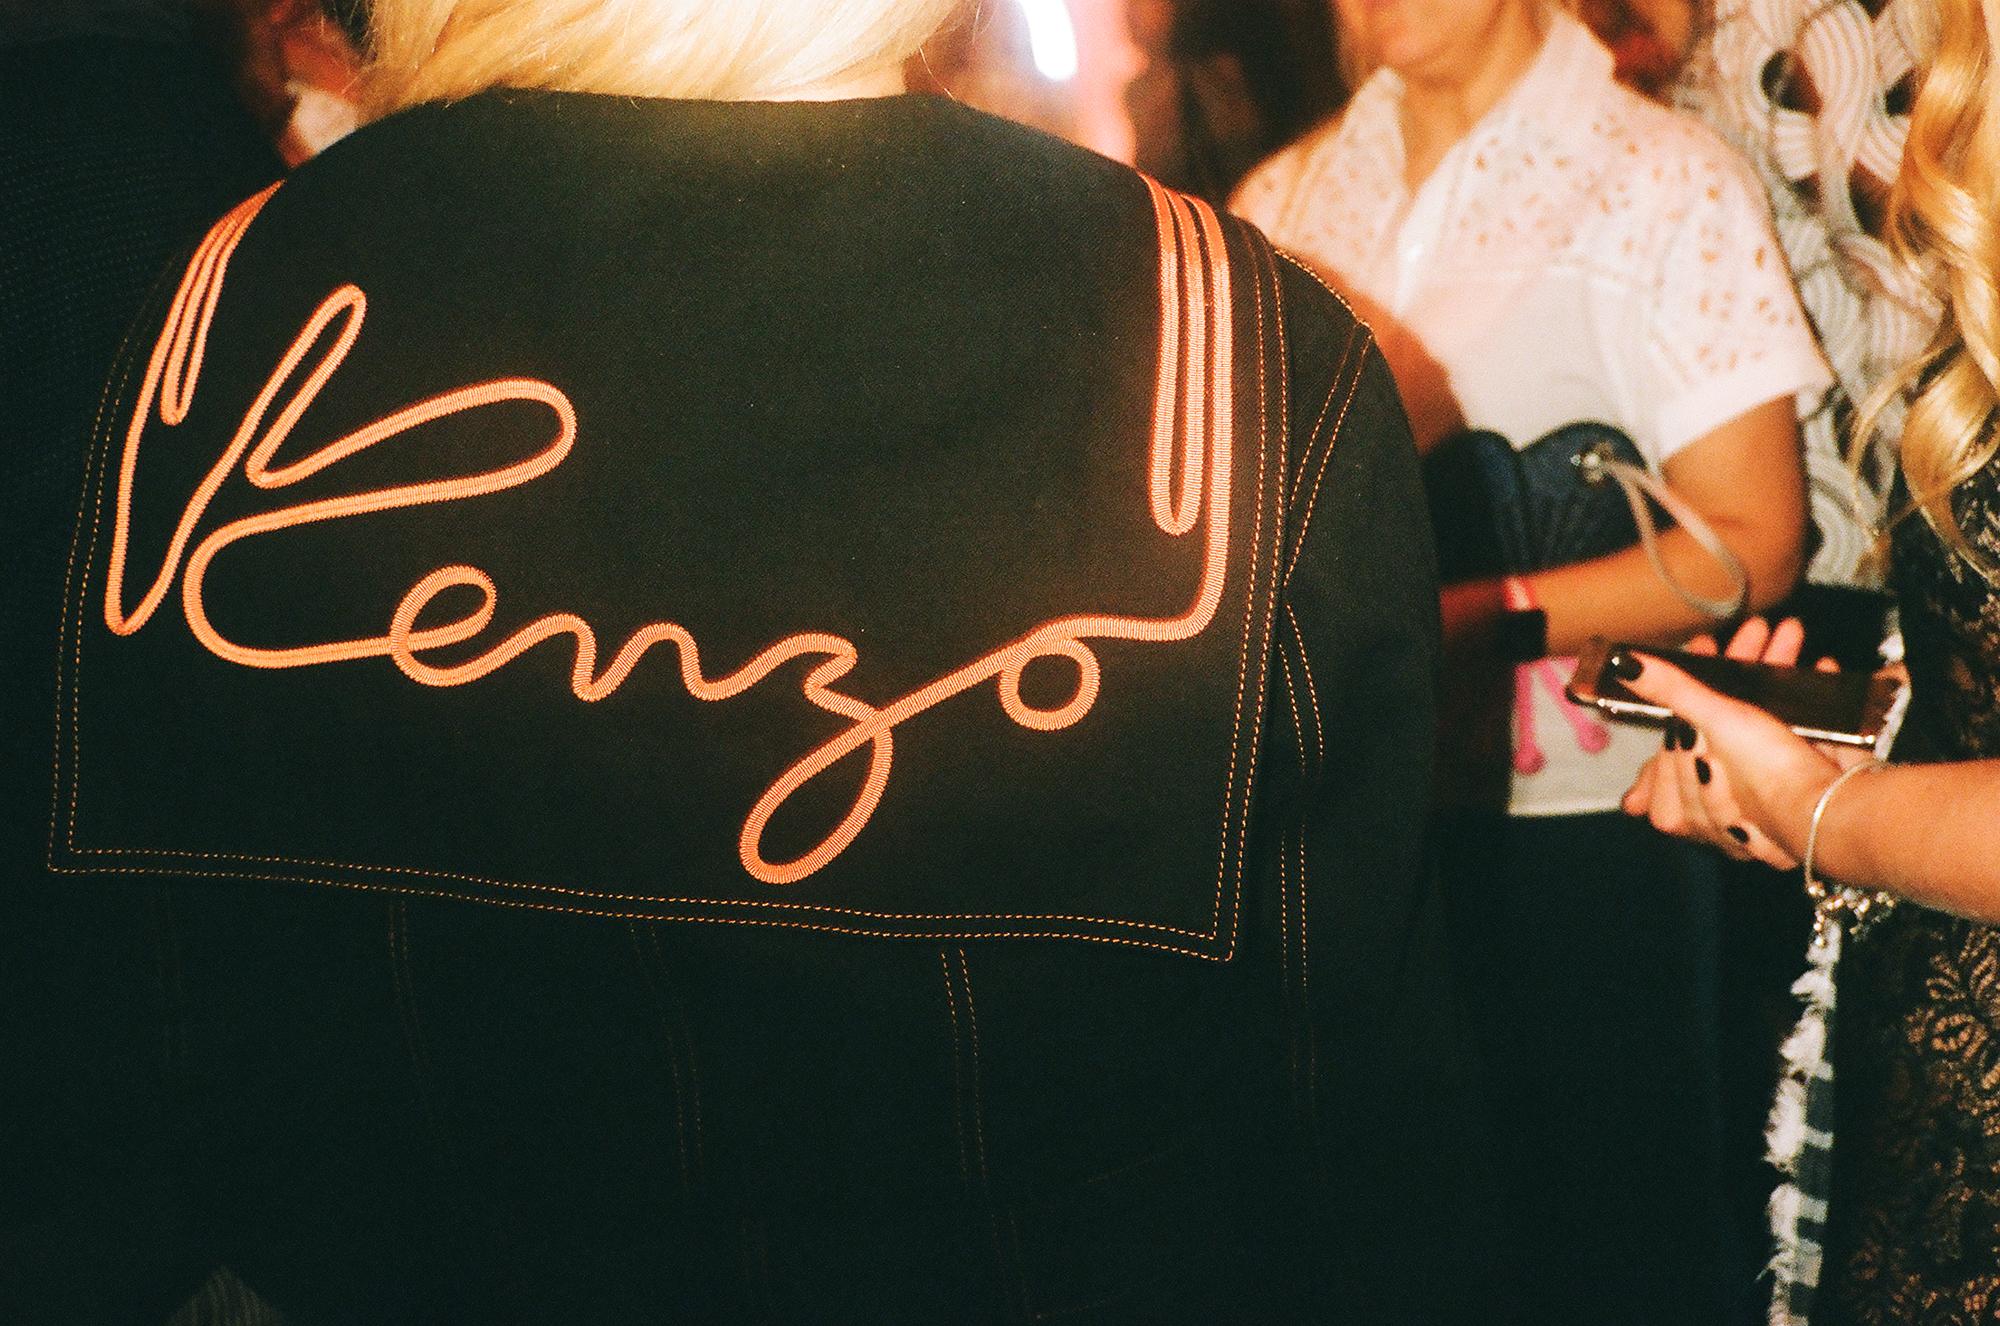 Kenzo partypeople jacket.jpg